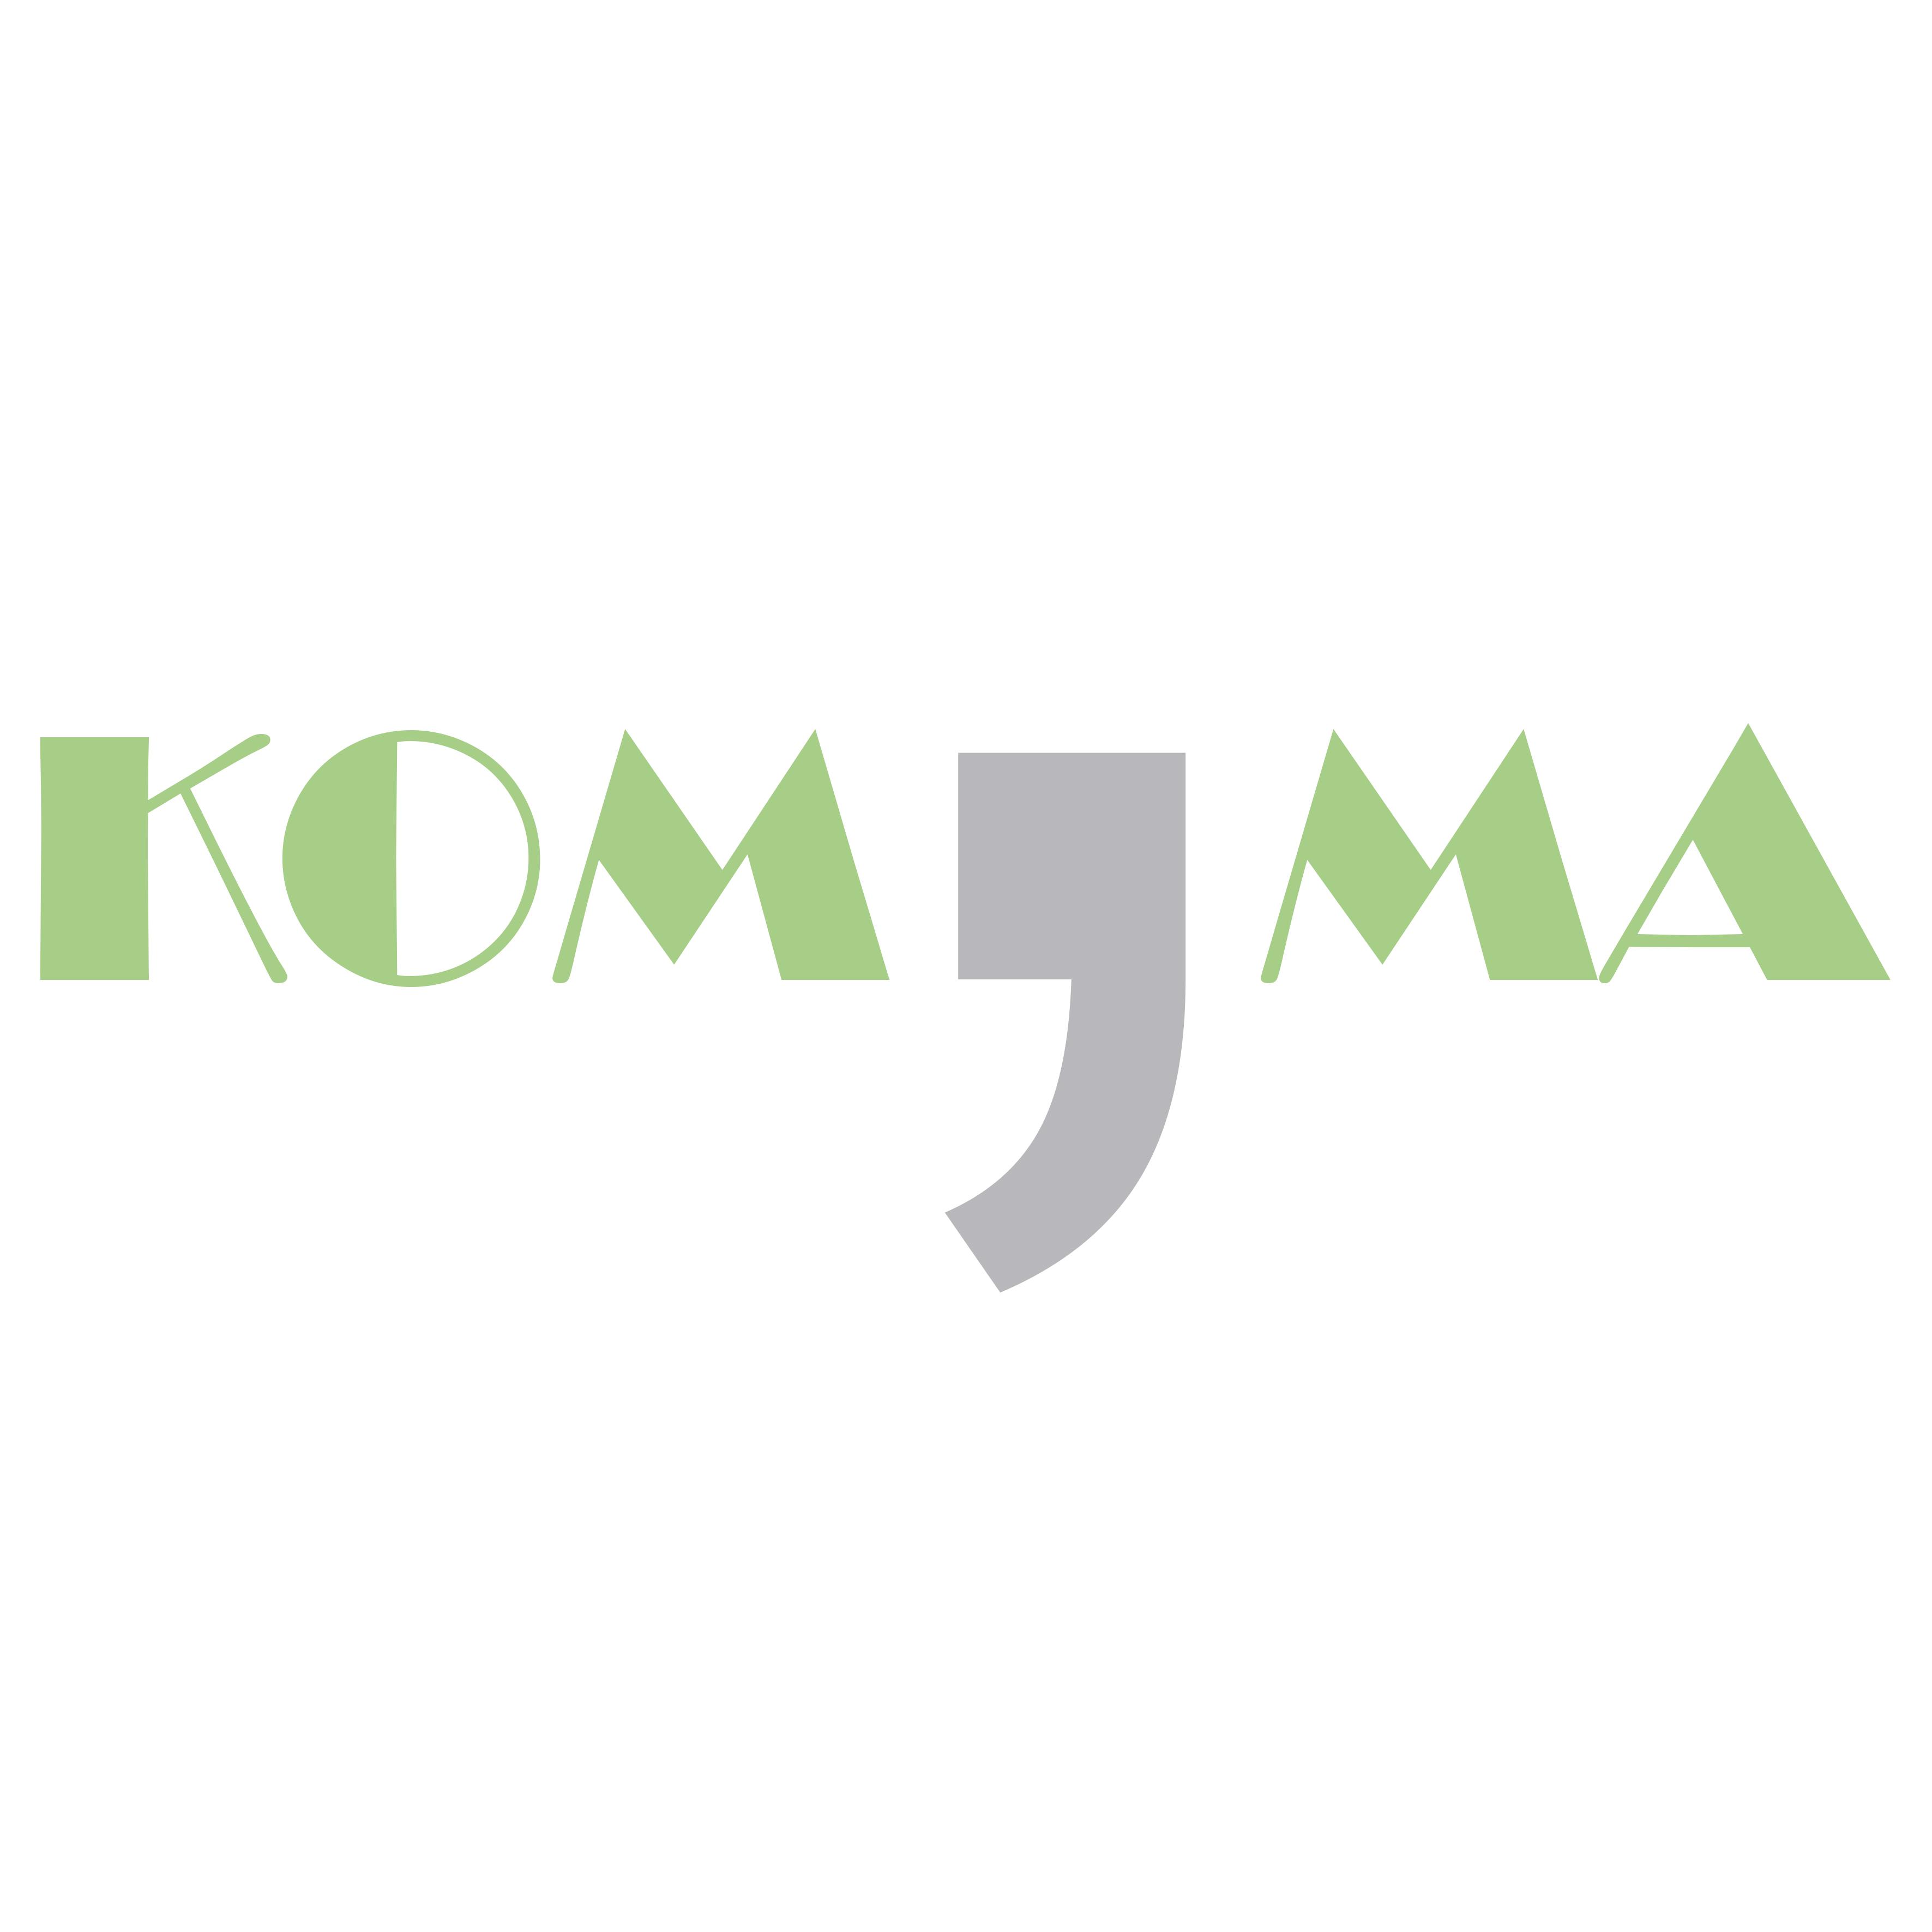 Hoe gebruik je een komma?